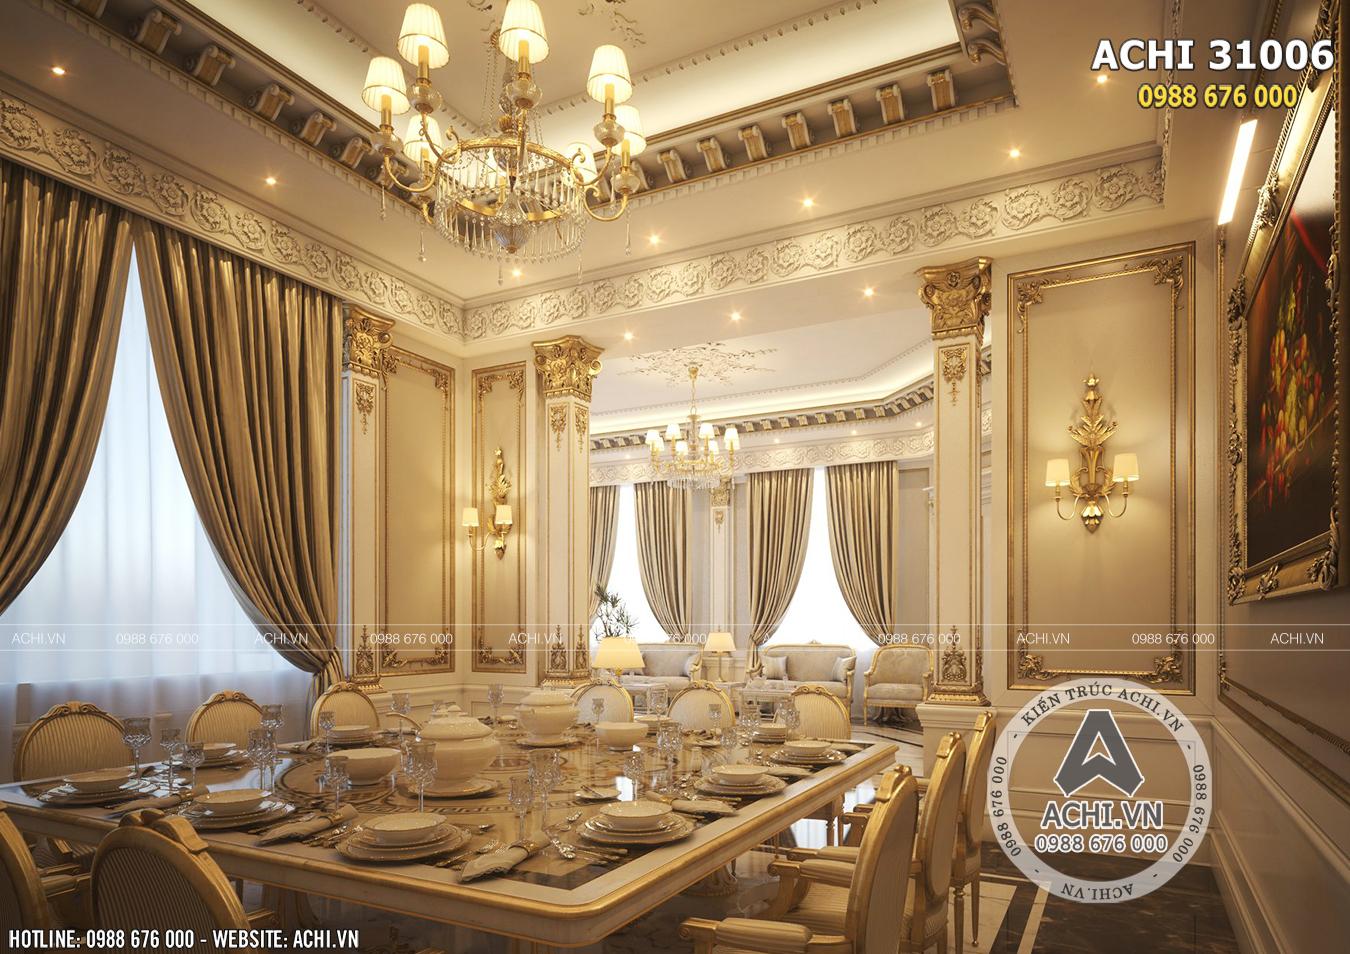 Thiết kế nội thất phòng ăn của siêu lâu đài